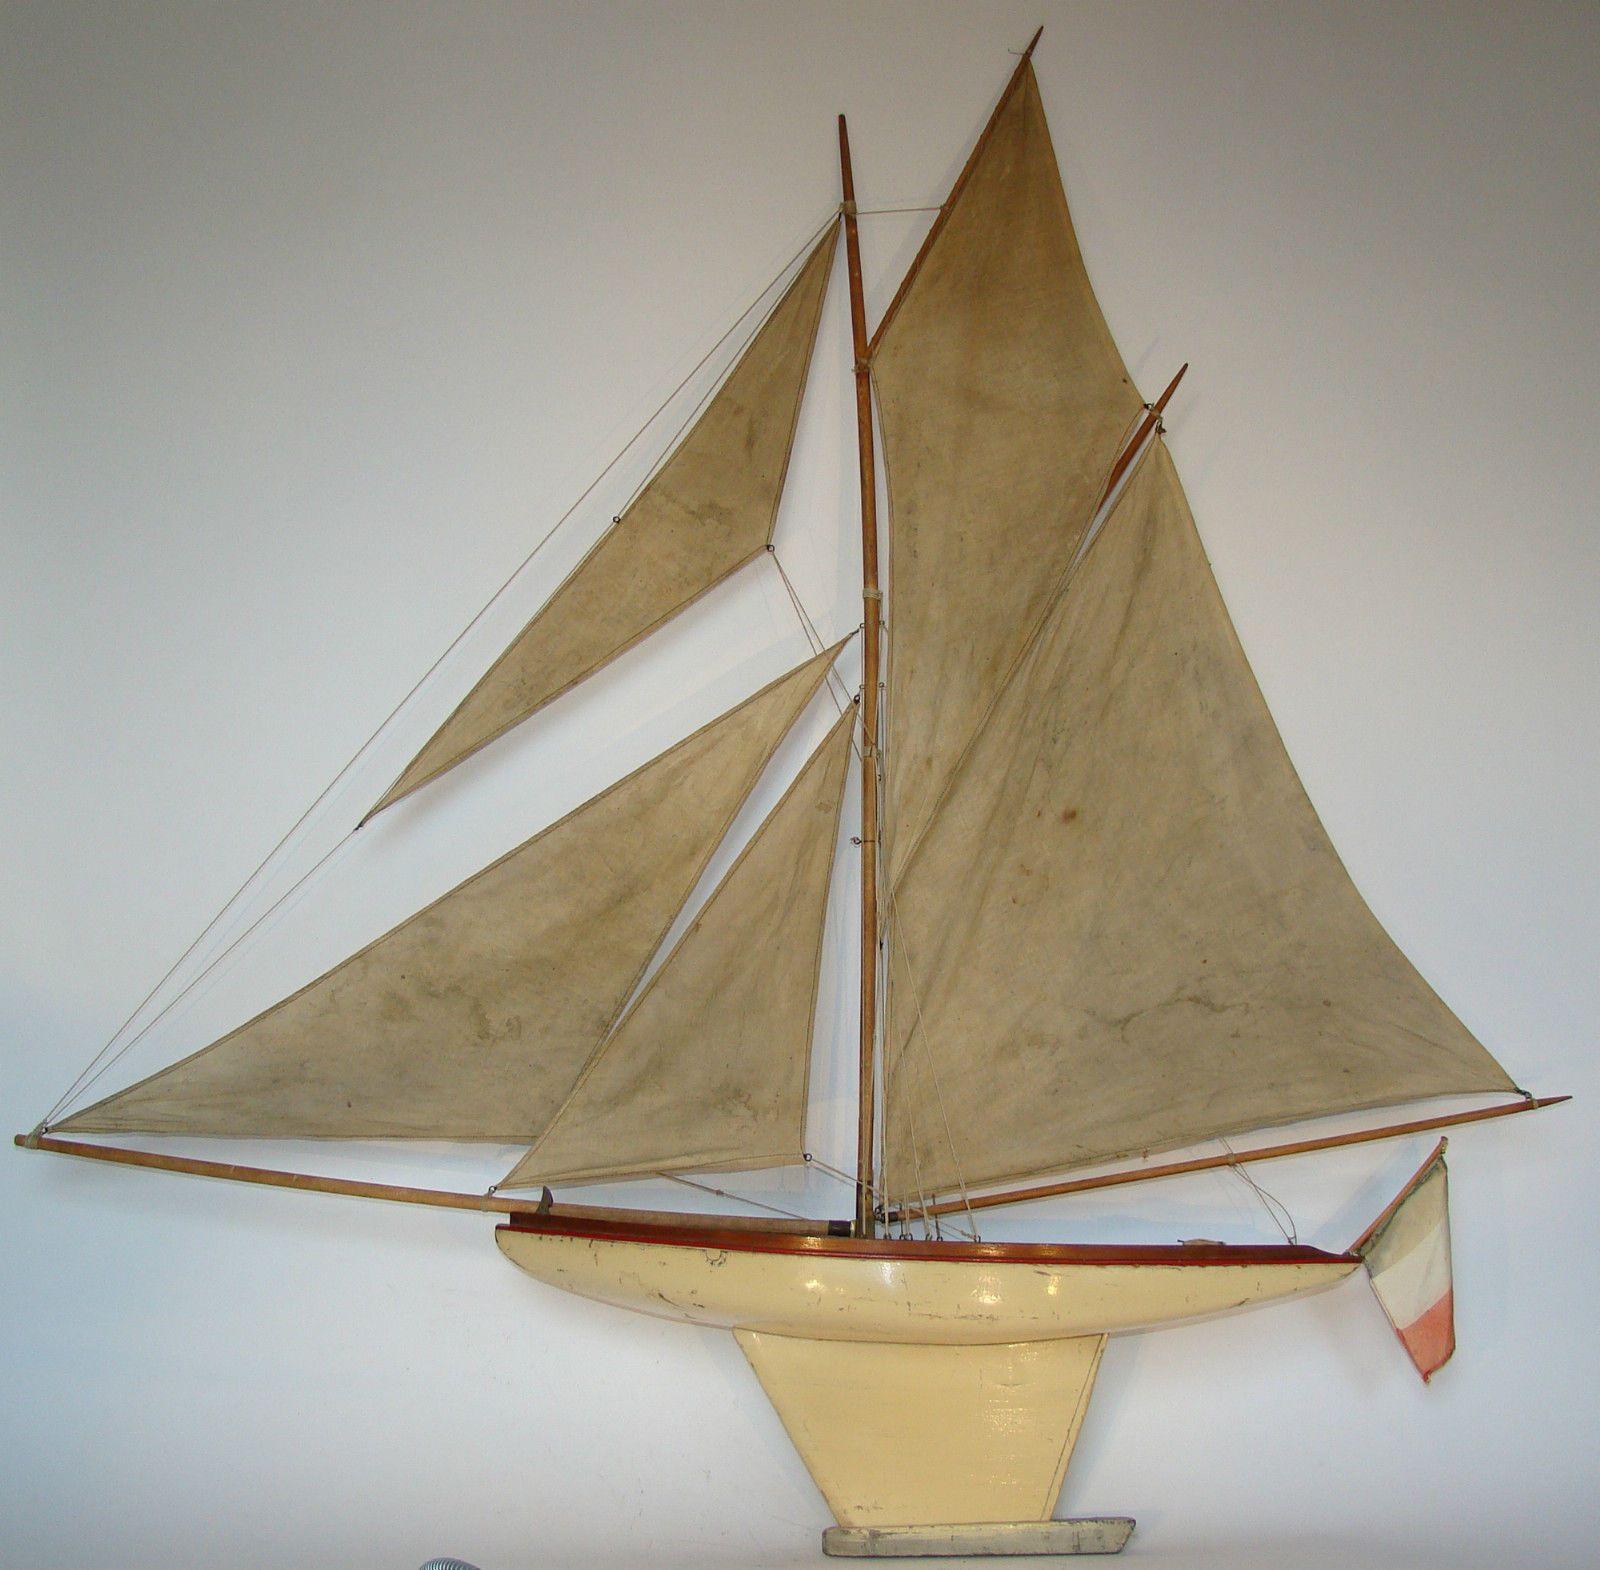 canot de bassin bateau voilier deffain 5 voiles s rie. Black Bedroom Furniture Sets. Home Design Ideas